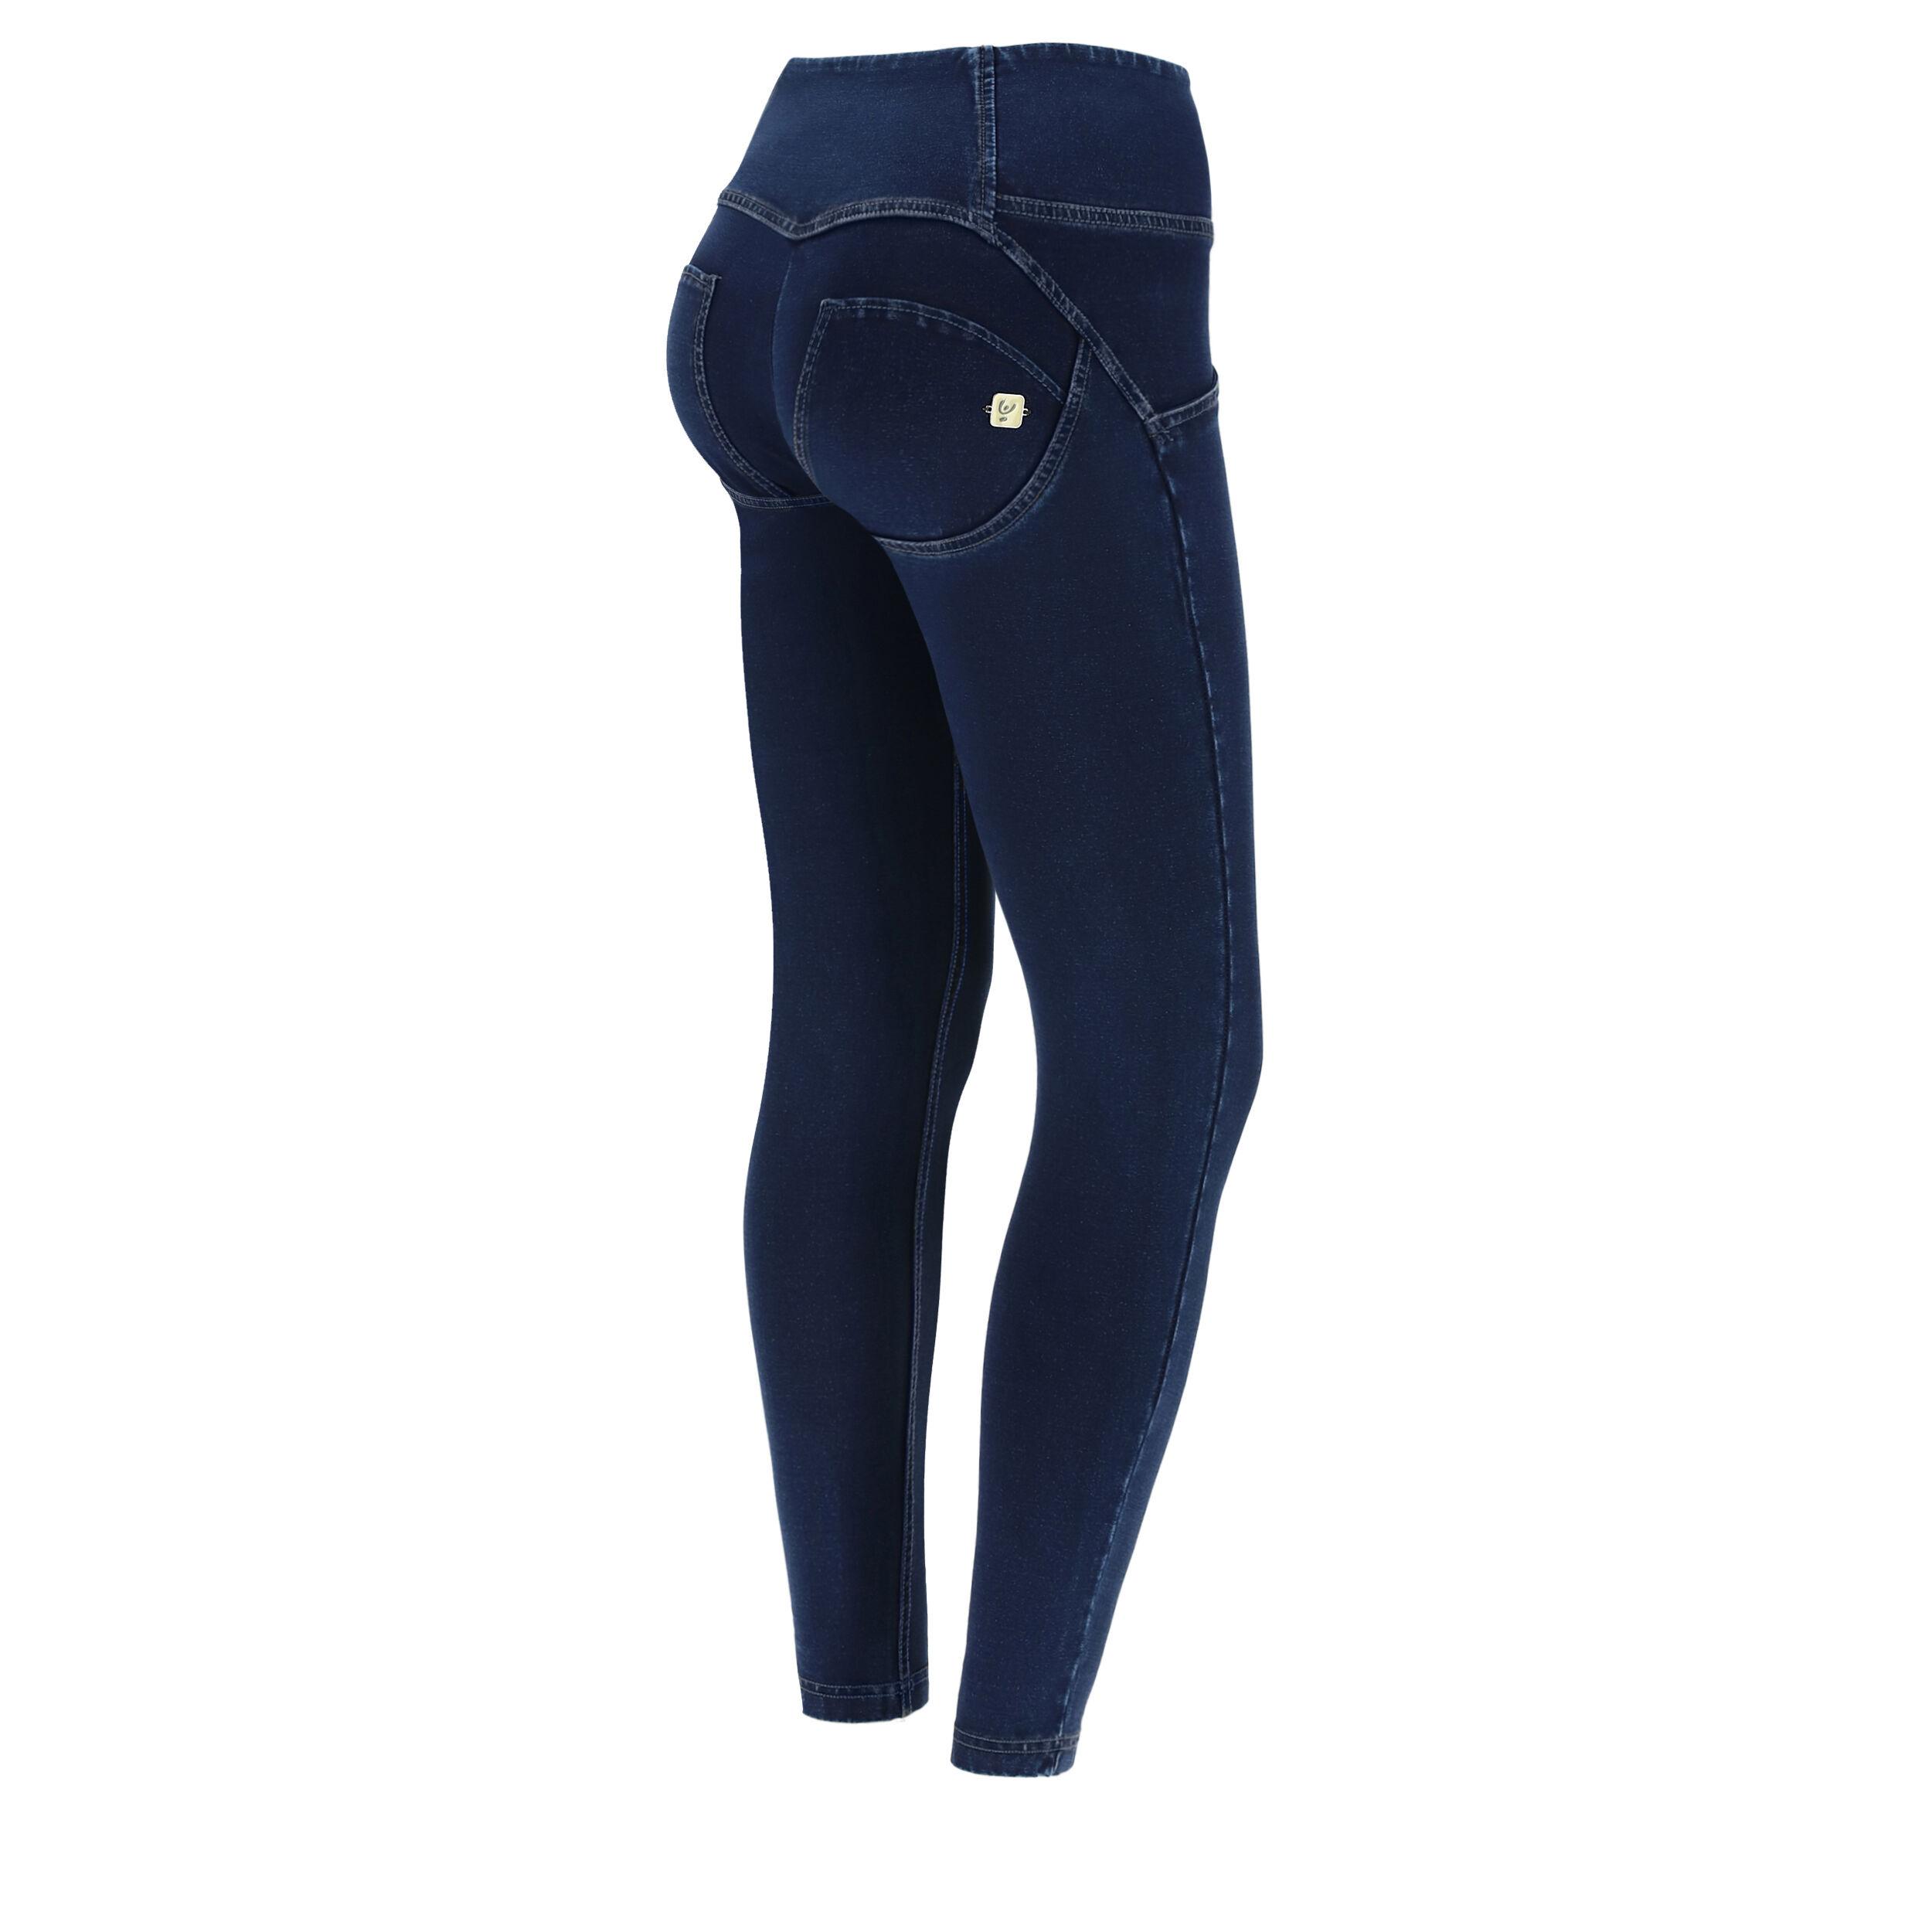 Freddy Jean push up WR.UP® 7/8 en denim foncé à taille haute avec boutons Jeans Sombre-Coutures Le Ton